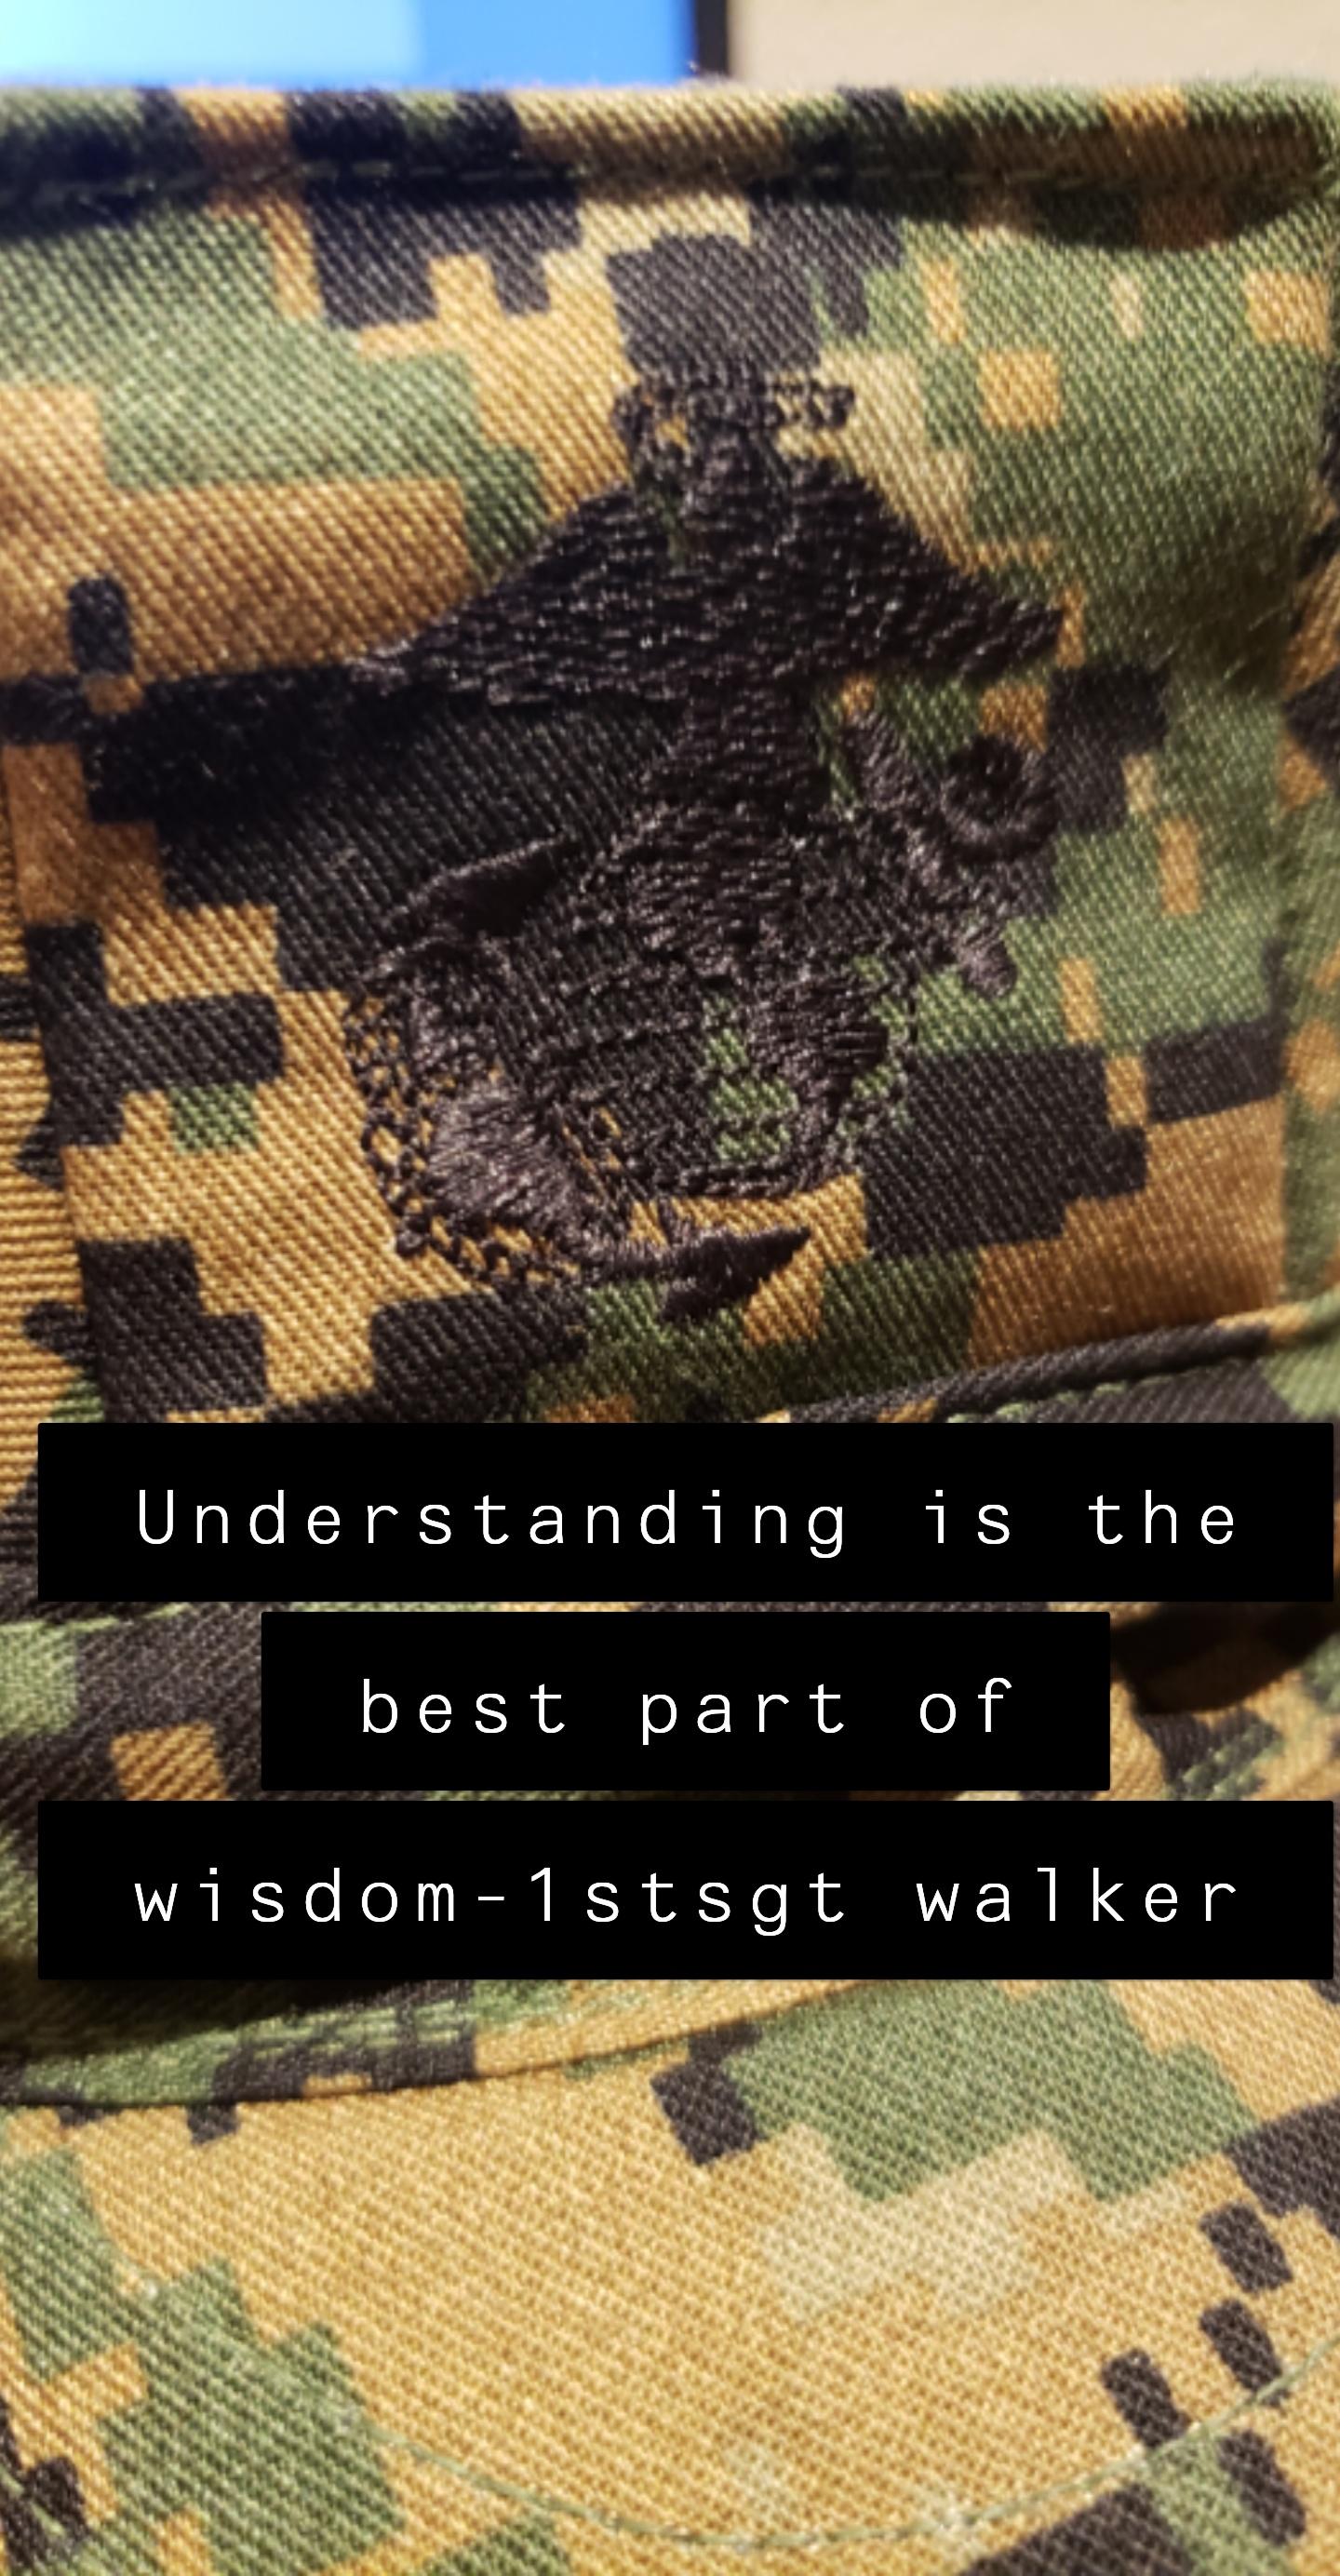 1stsgt walker